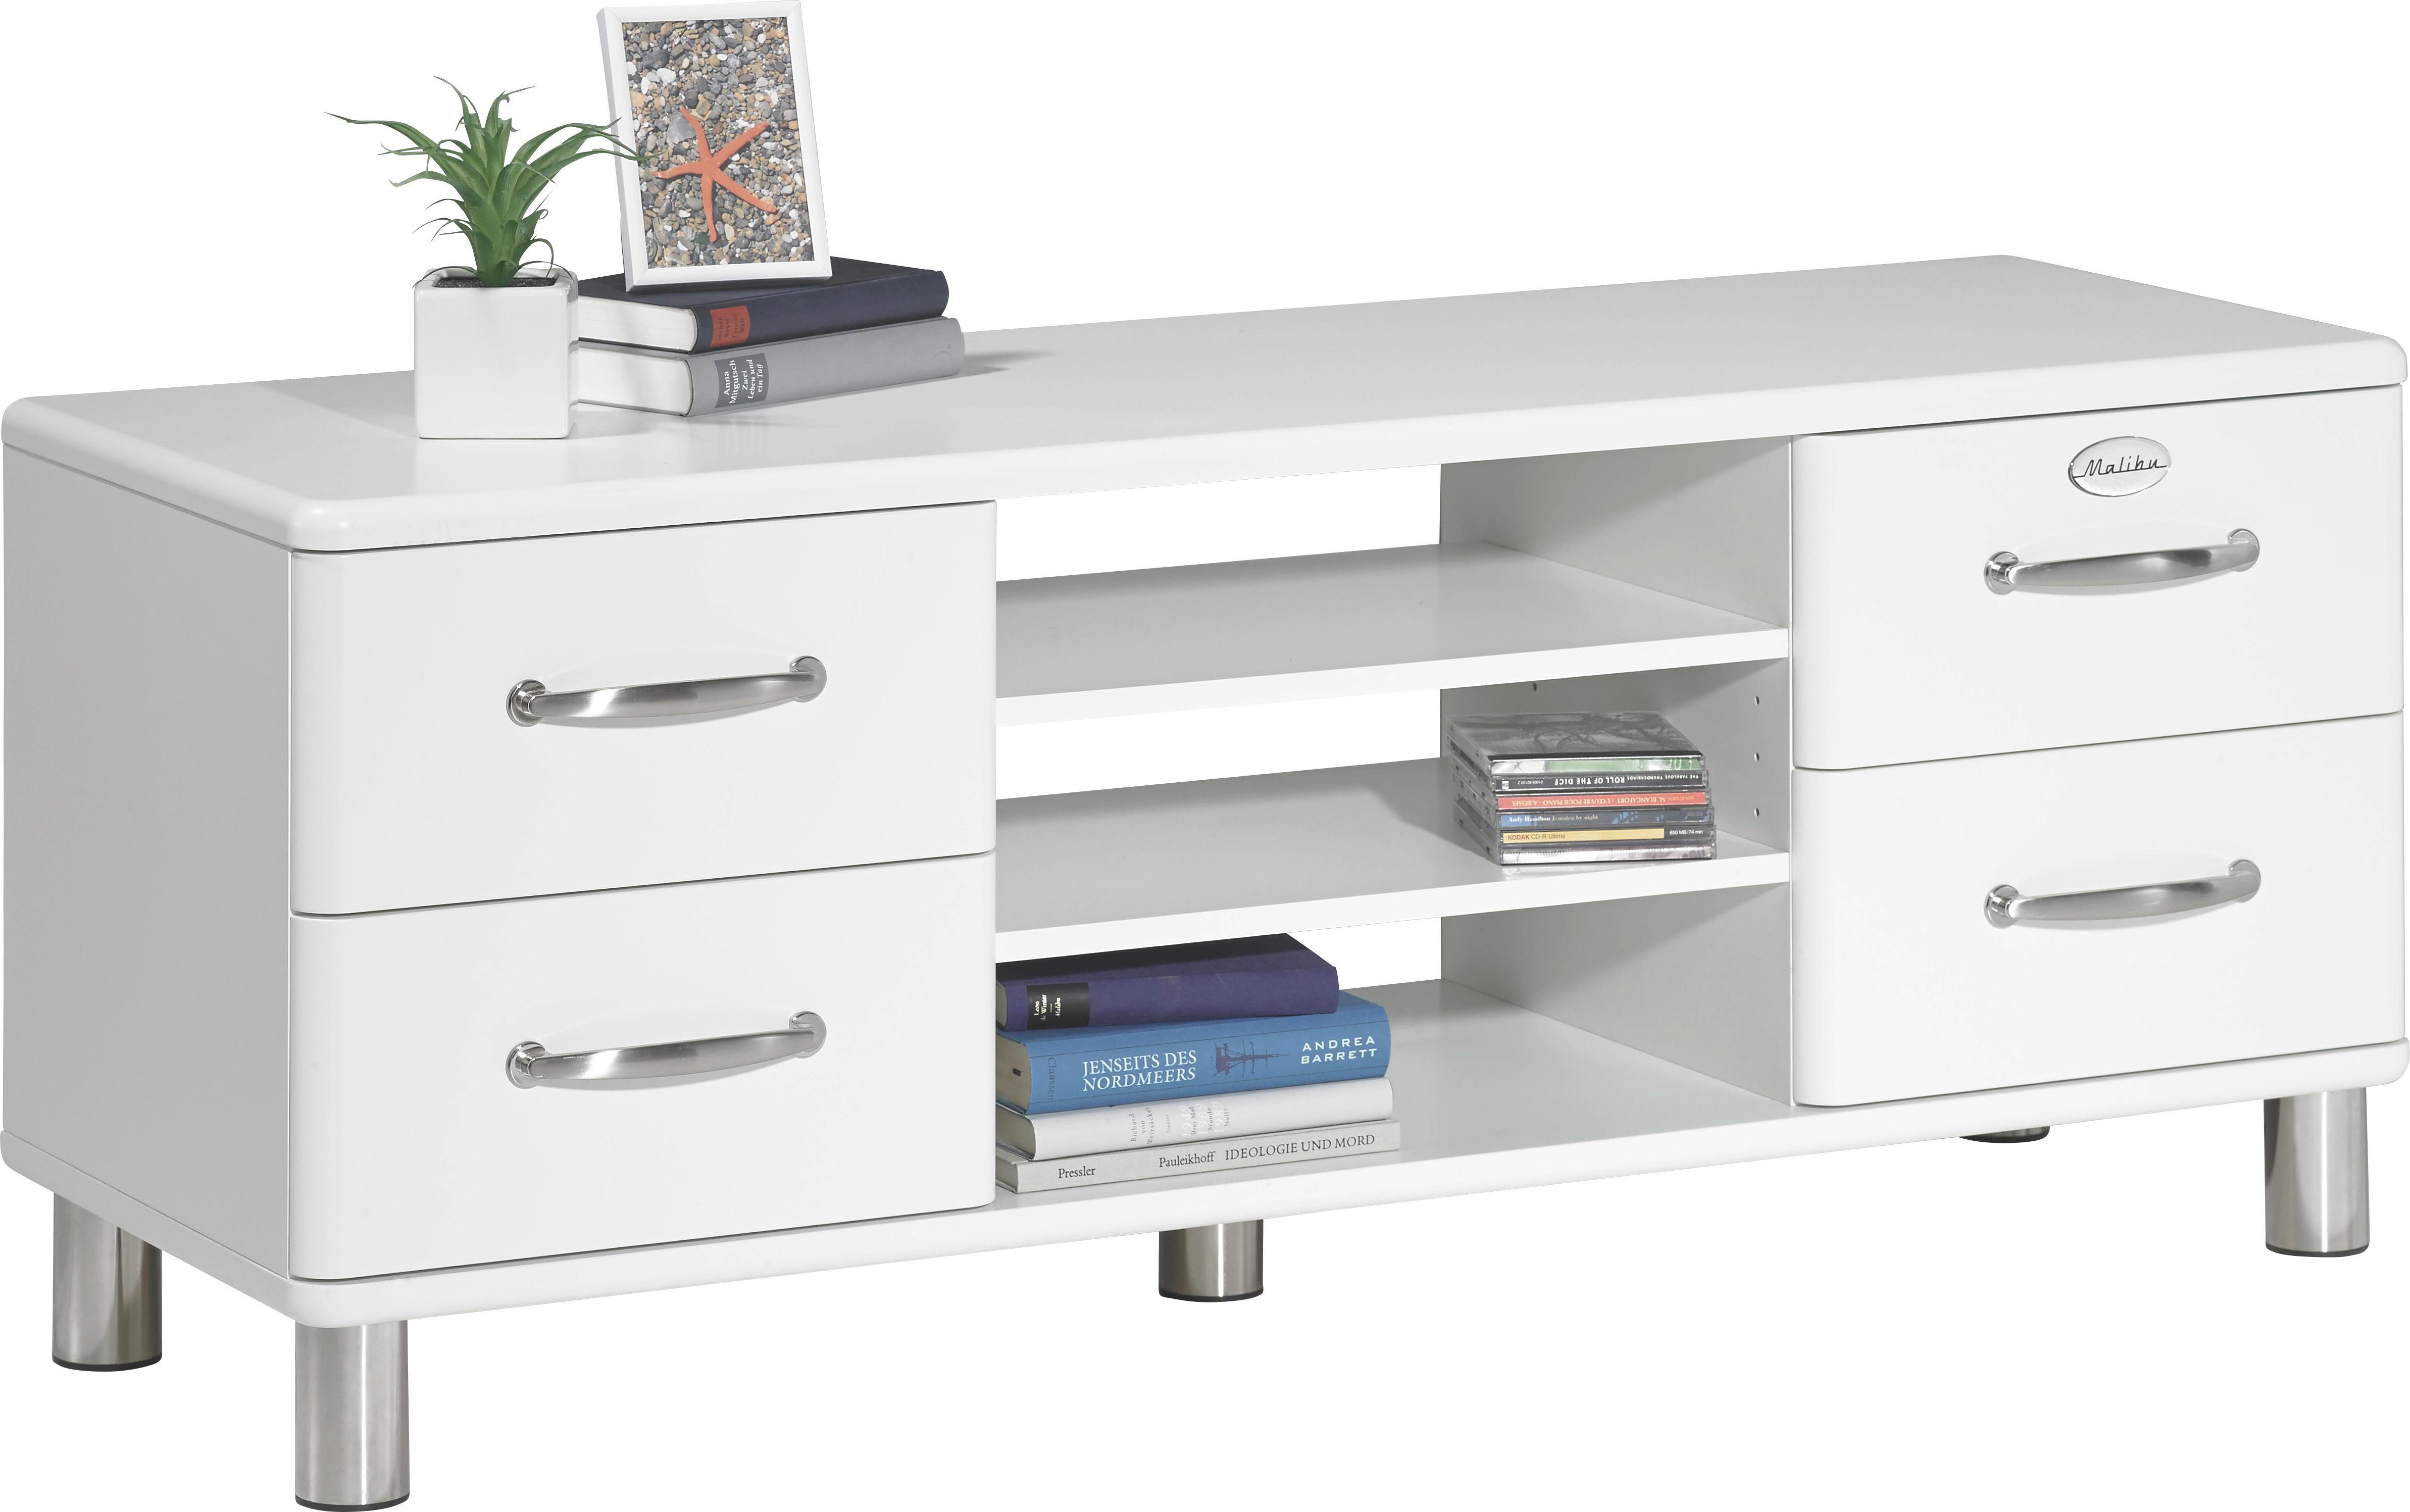 KOMMODE Weiß - Weiß/Nickelfarben, Design, Holzwerkstoff/Metall (134/54/44cm) - CARRYHOME